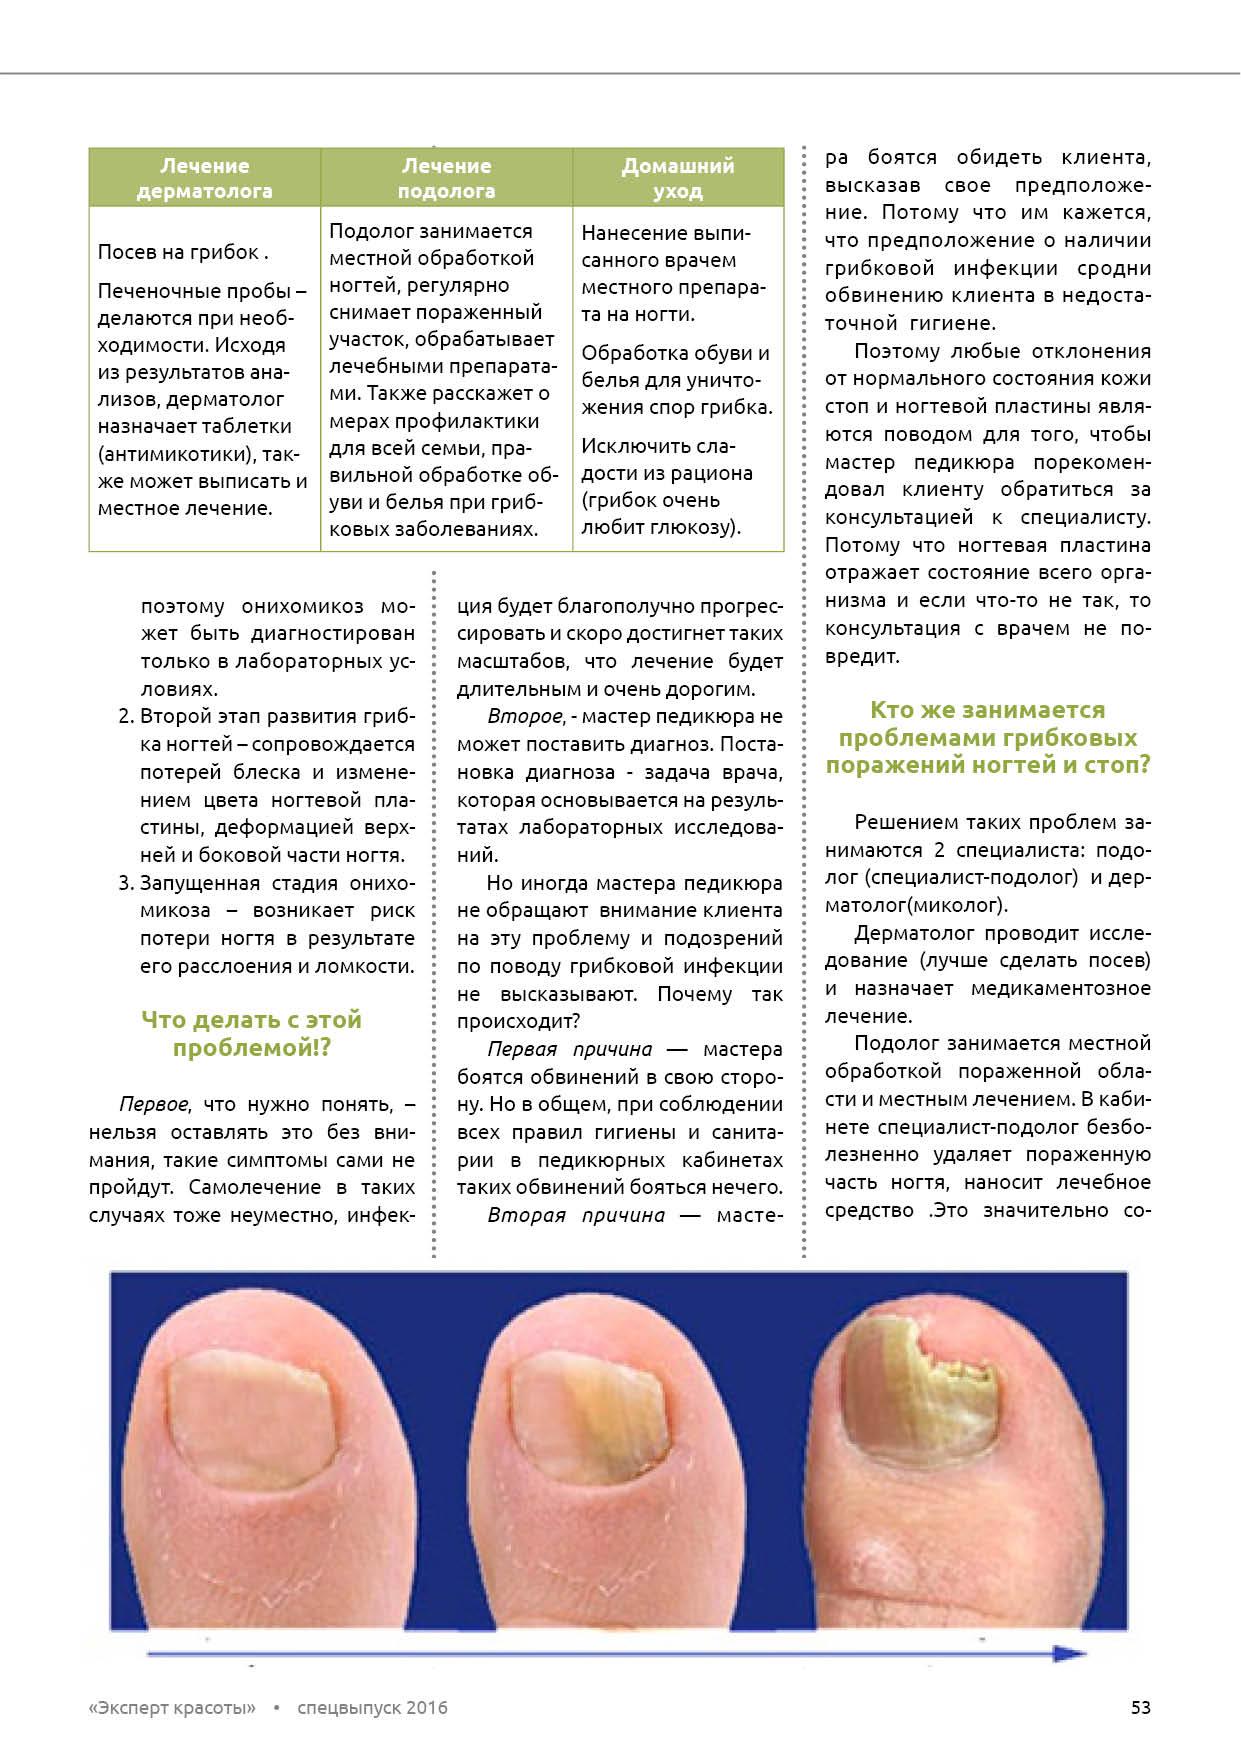 Онихолизис - лечение различными способами 88